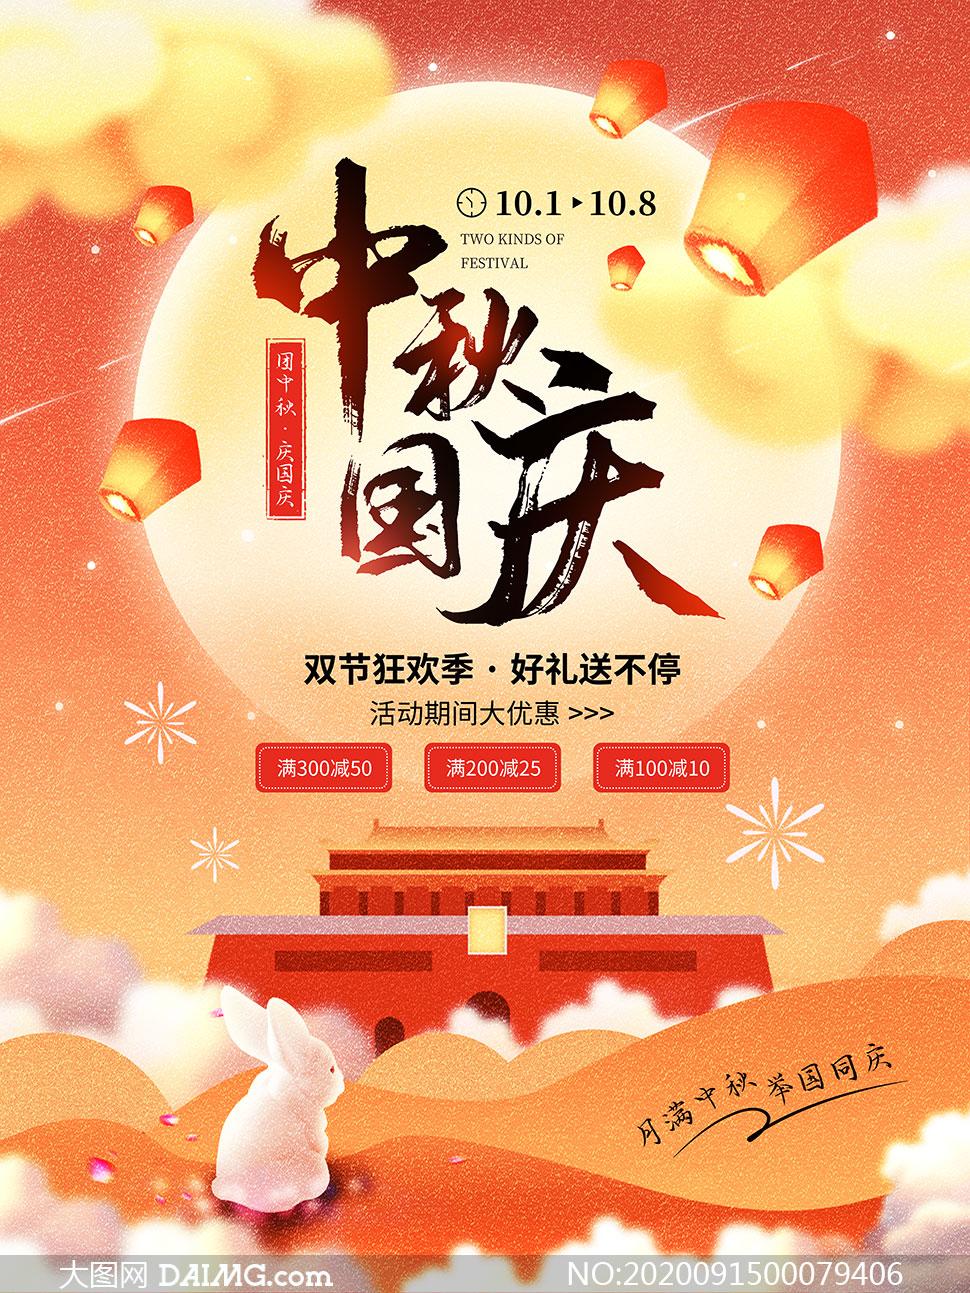 中秋国庆双节狂欢季海报设计PSD素材